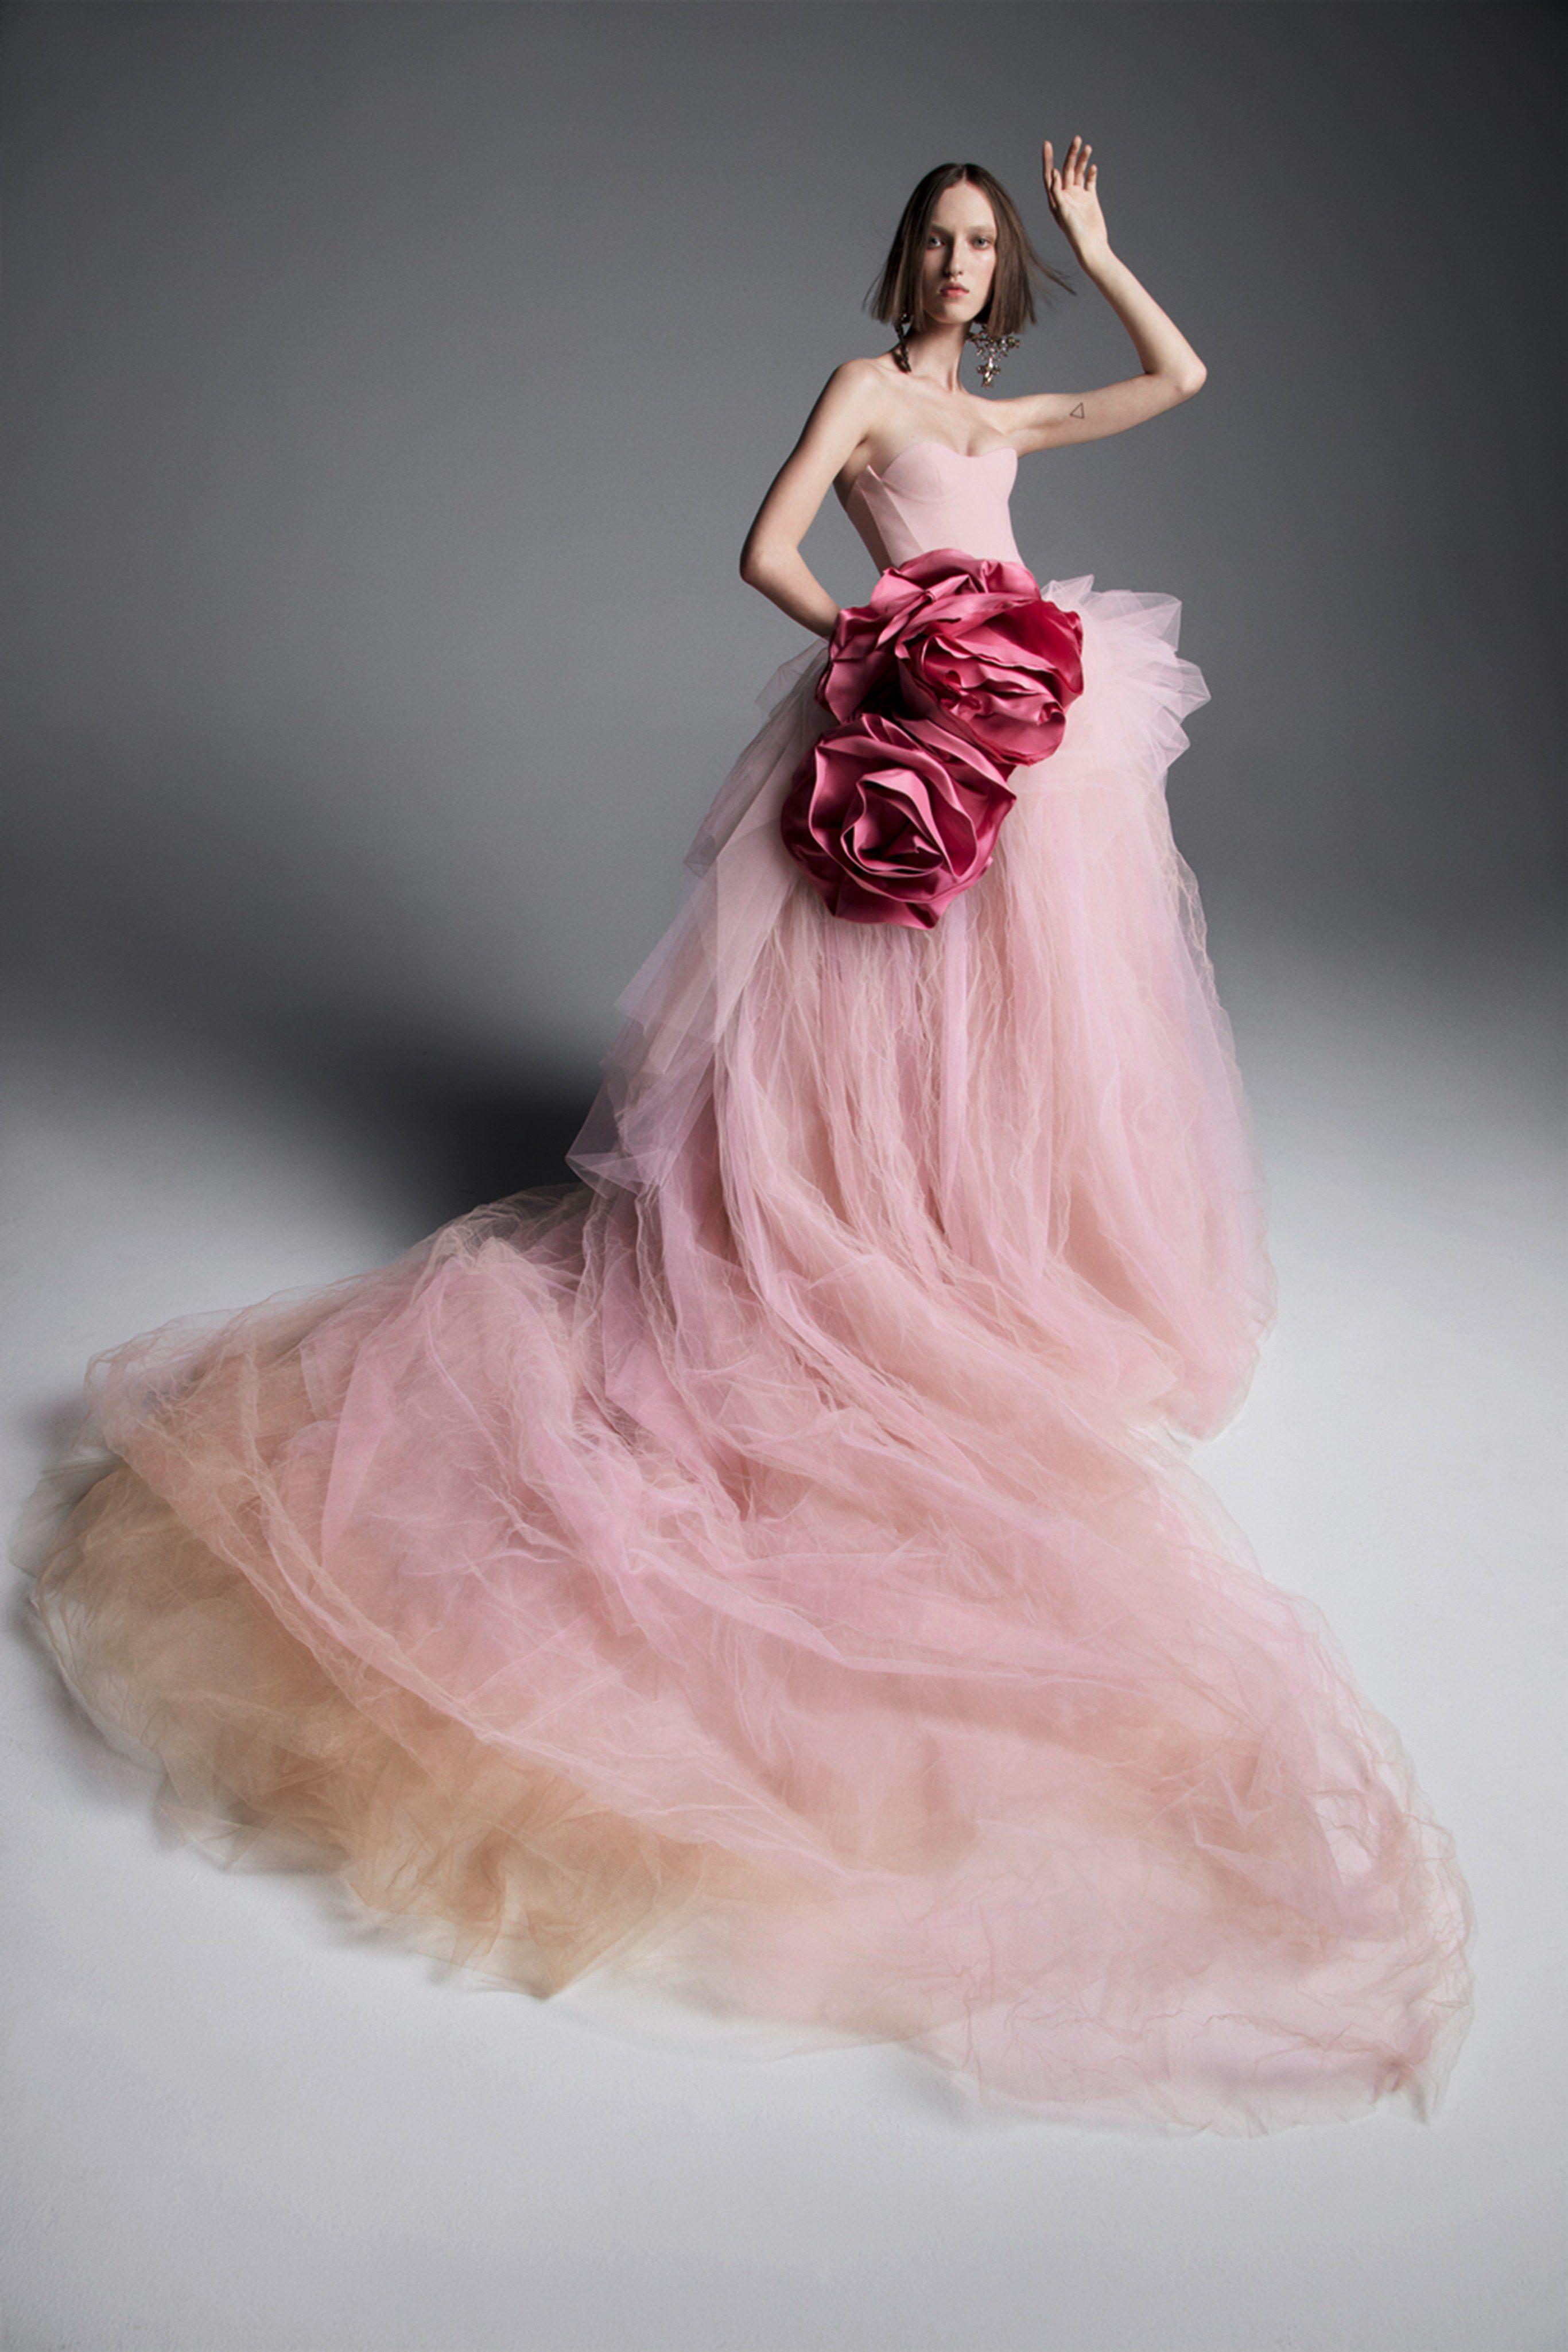 Vera Wang Bridal Spring 2019 Fashion Show | Armario de, Armario y ...